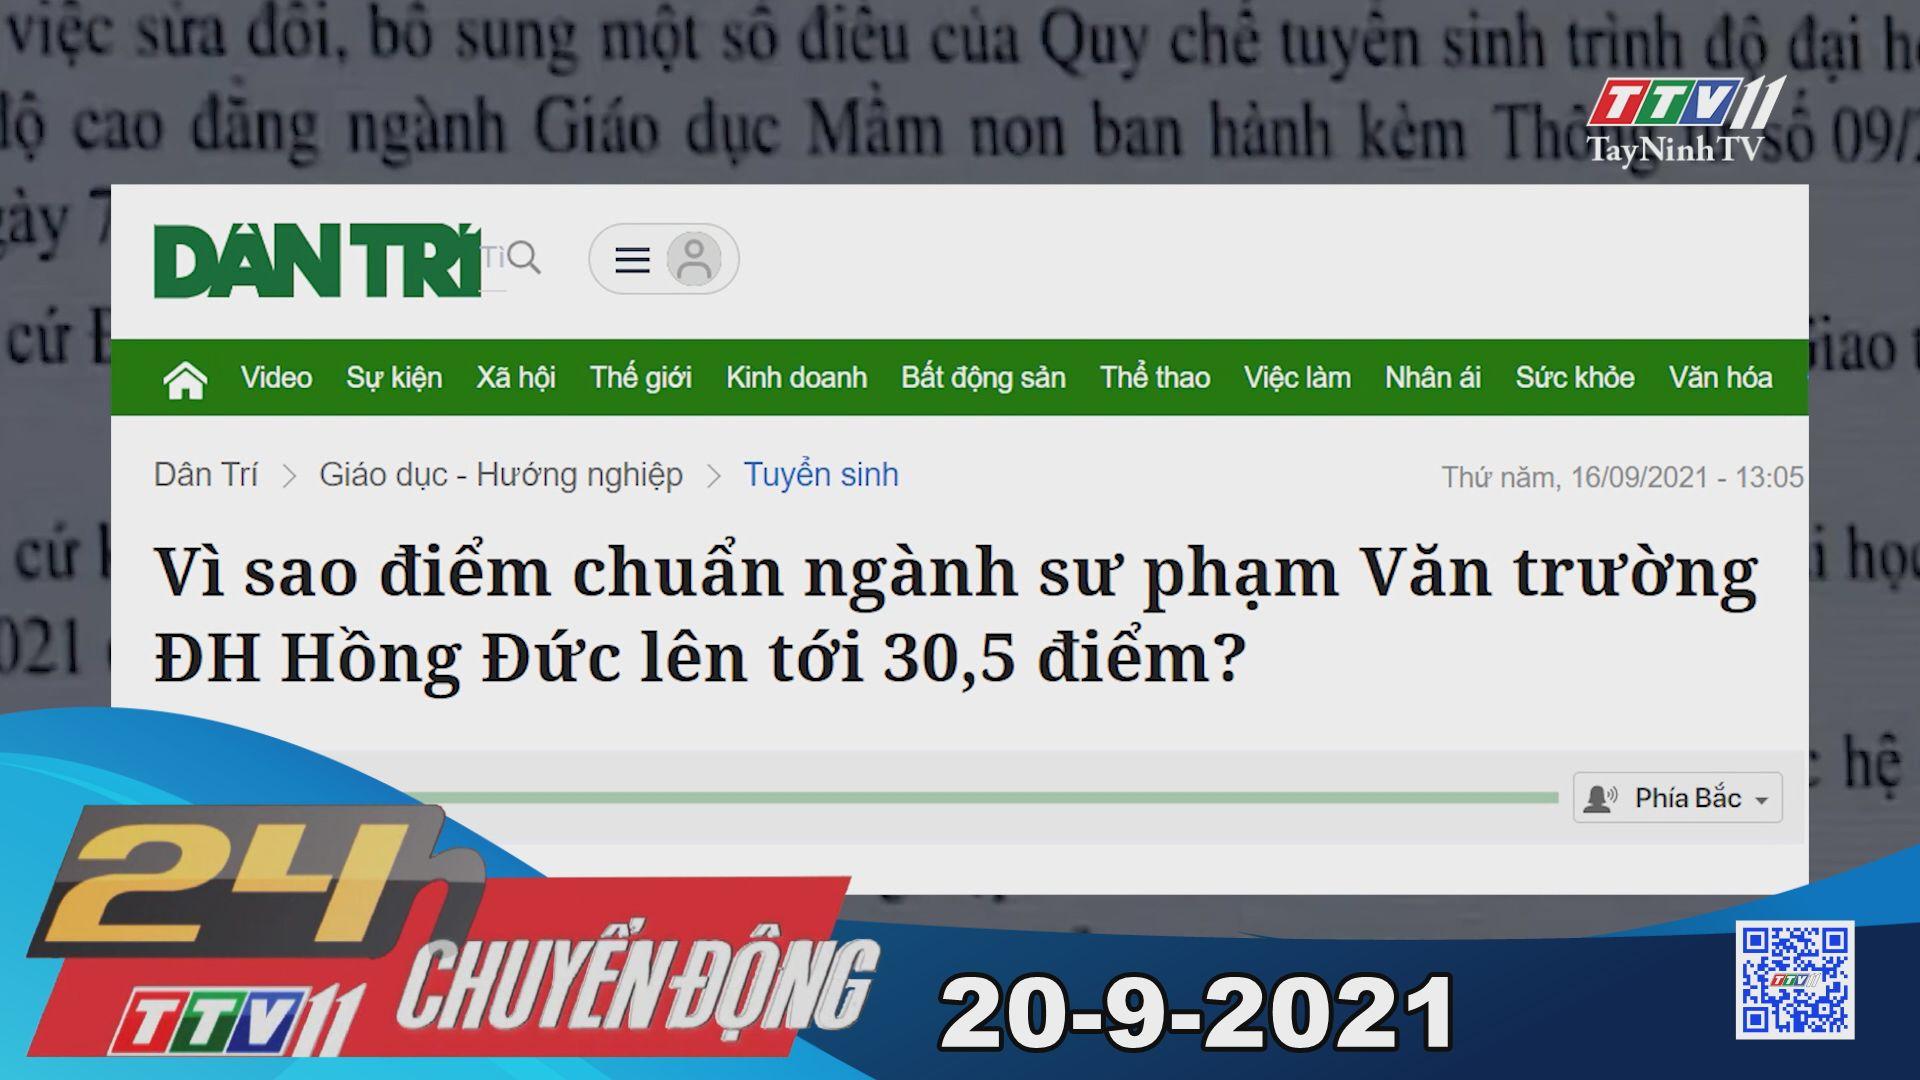 24h Chuyển động 20/9/2021 | Tin tức hôm nay | TayNinhTV